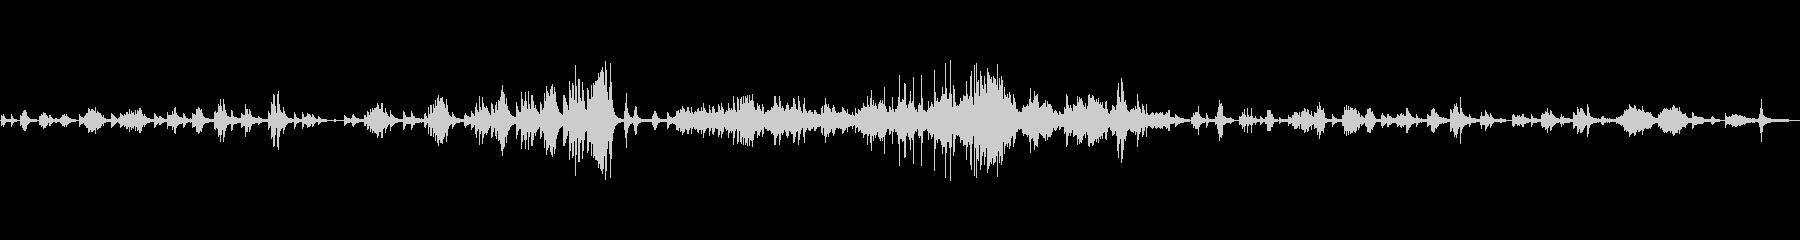 クロード・ドビュッシー。ソロピアノ...の未再生の波形